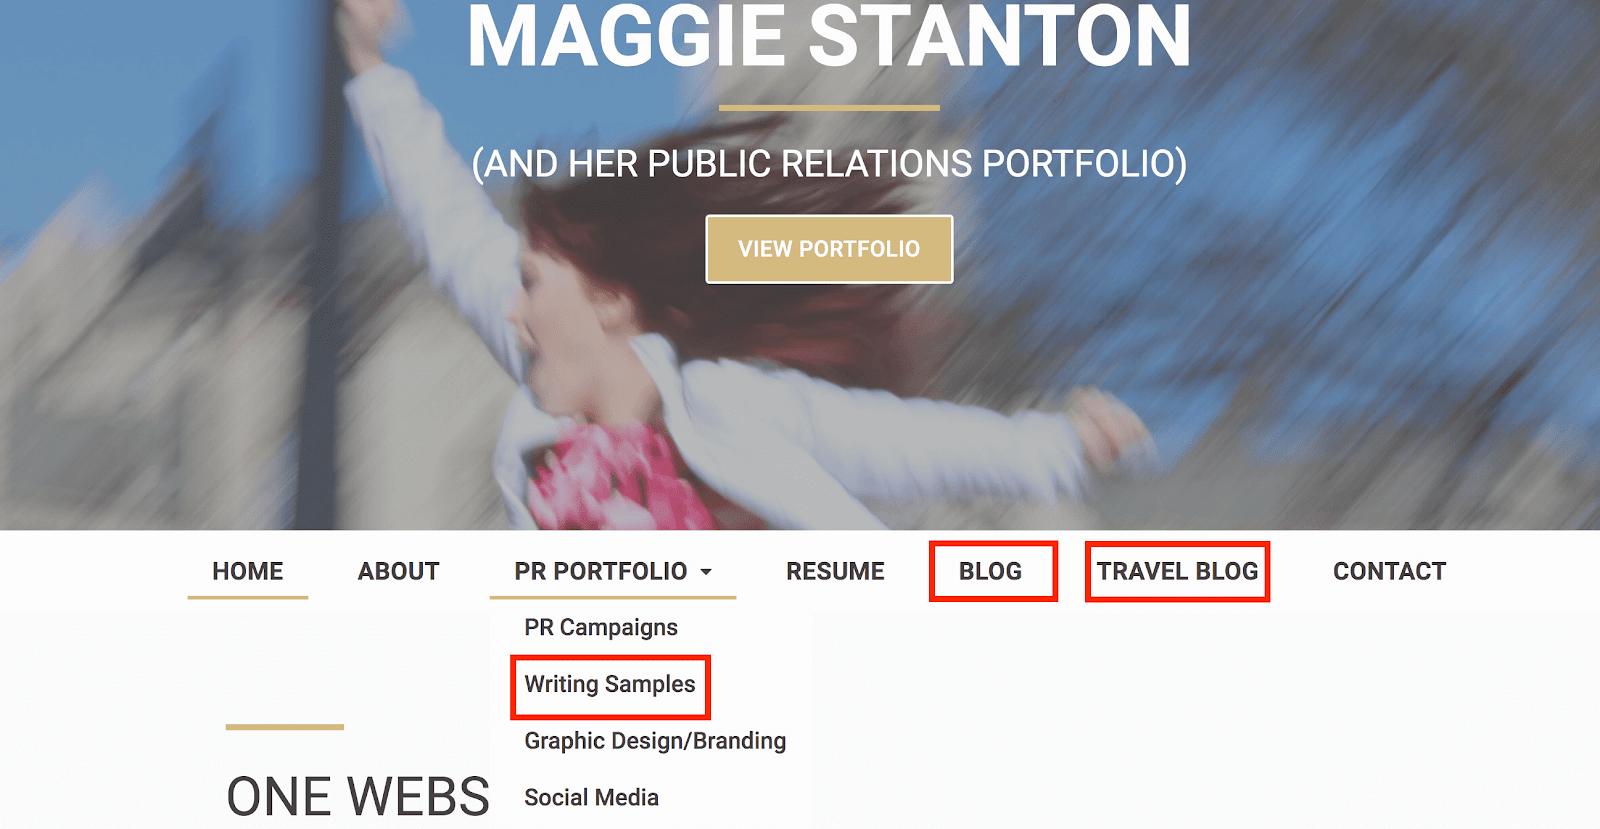 Maggie Stanton PR Portfolio